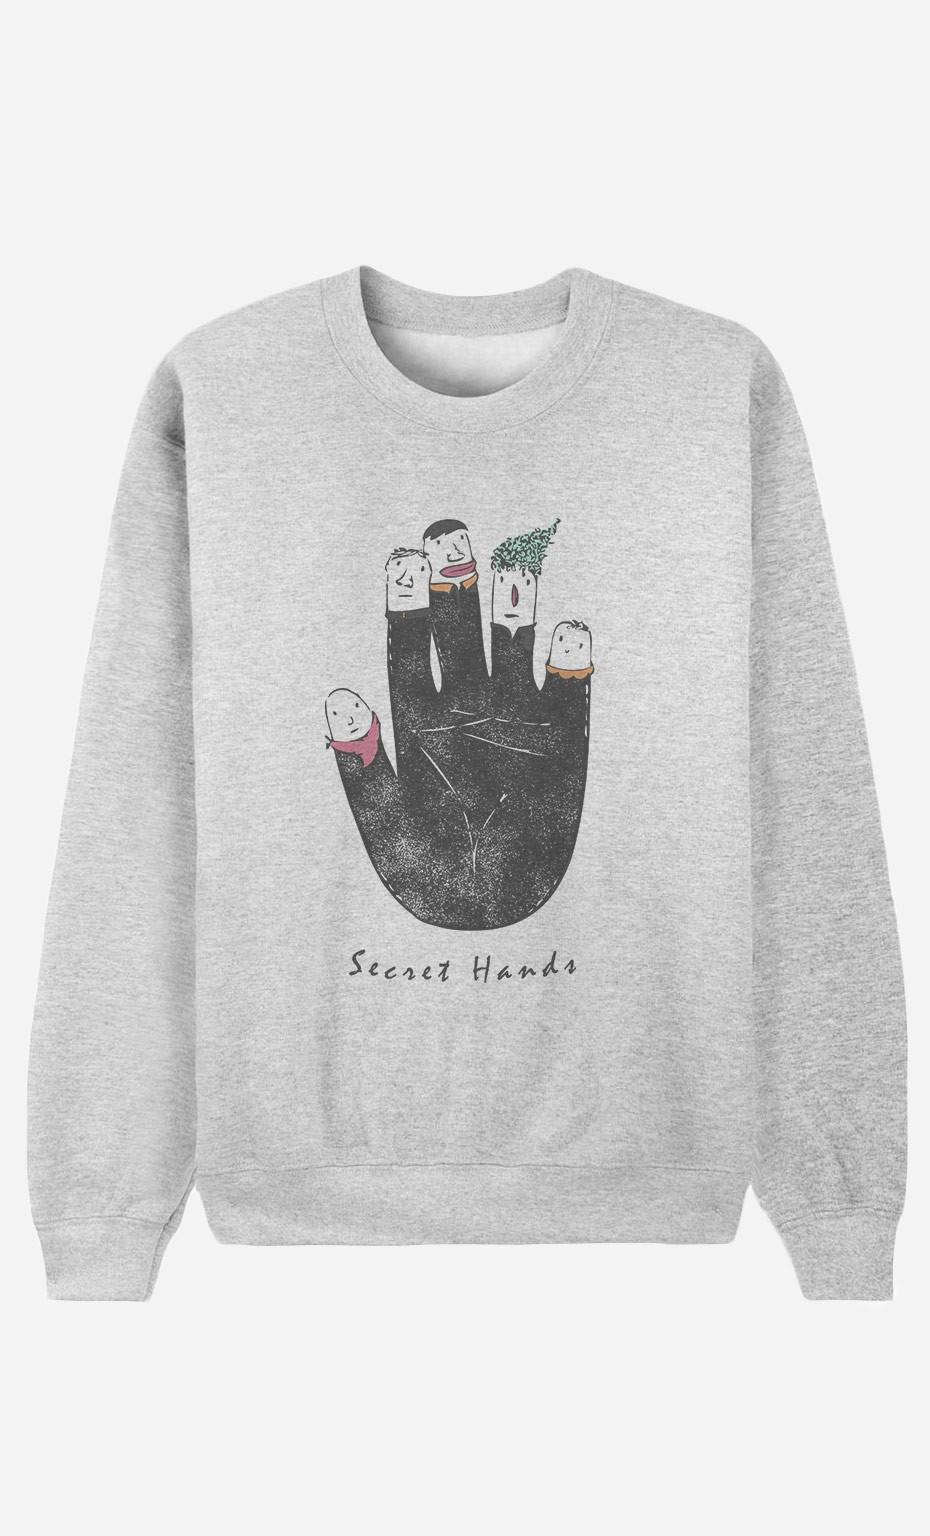 Sweatshirt Secret Hands